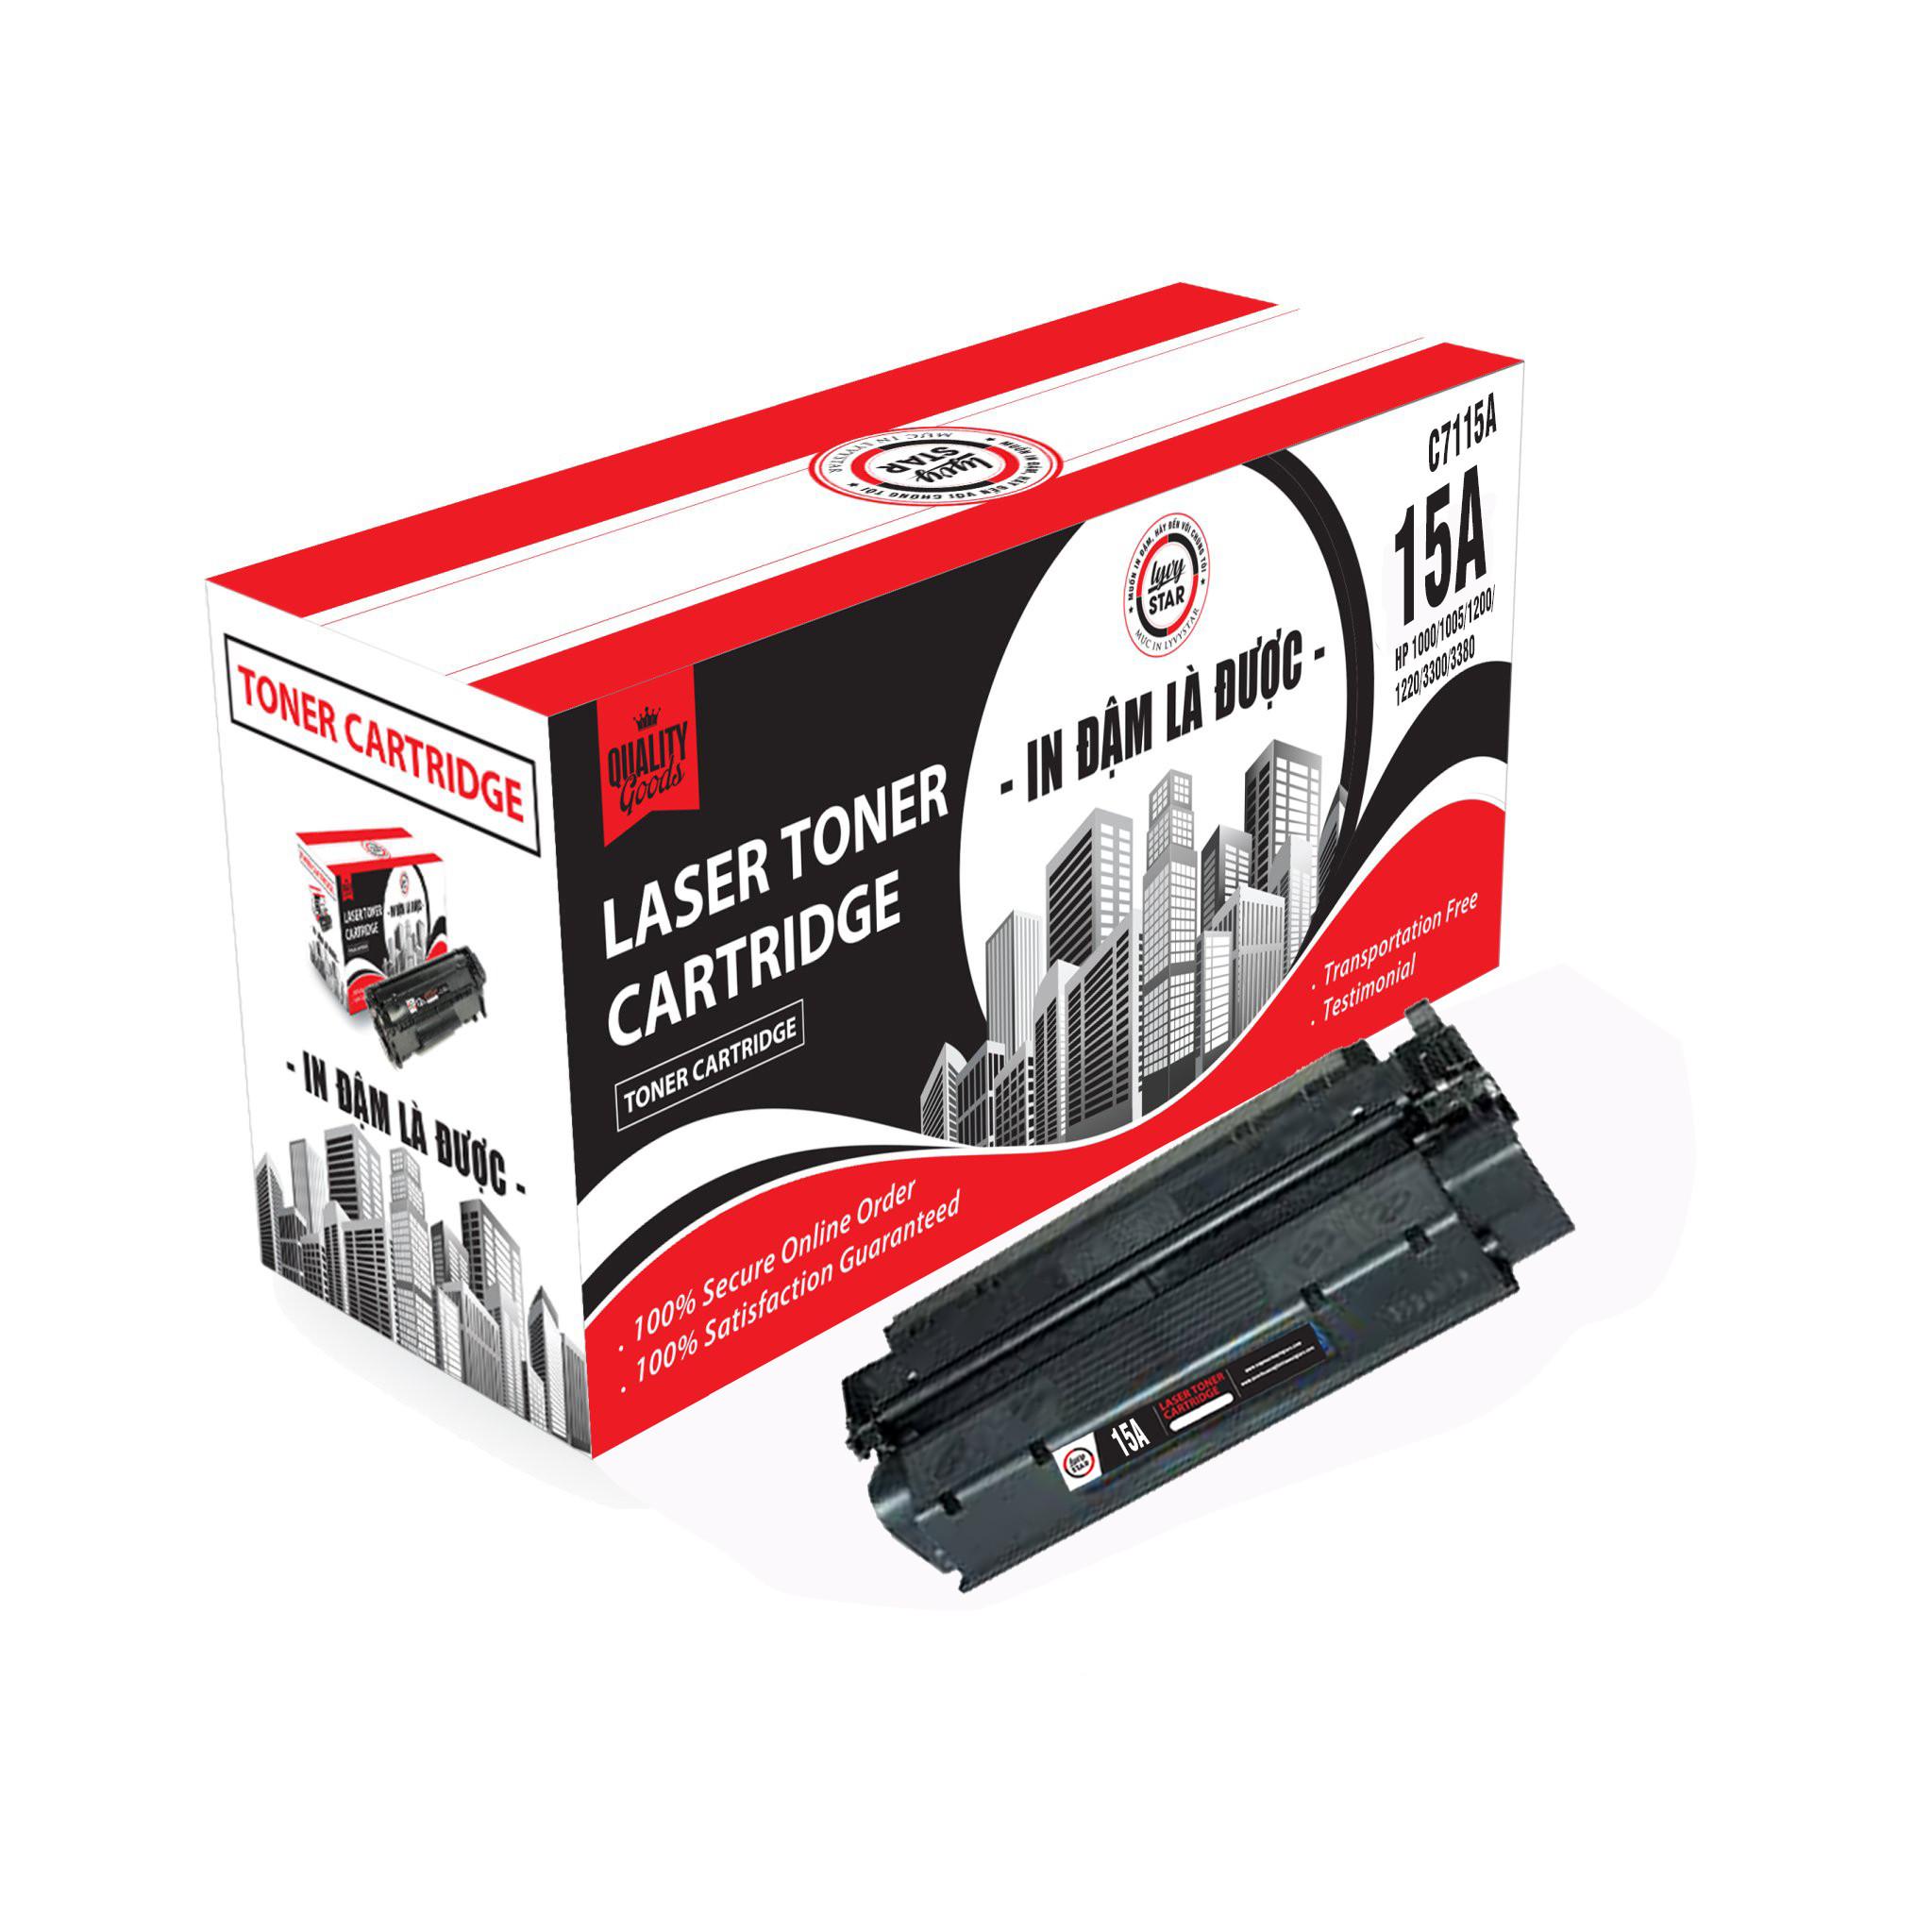 Mực in Lyvystar Laser đen trắng 15A (C7115A) dùng cho máy HP 3380 MFP - Hàng chính hãng